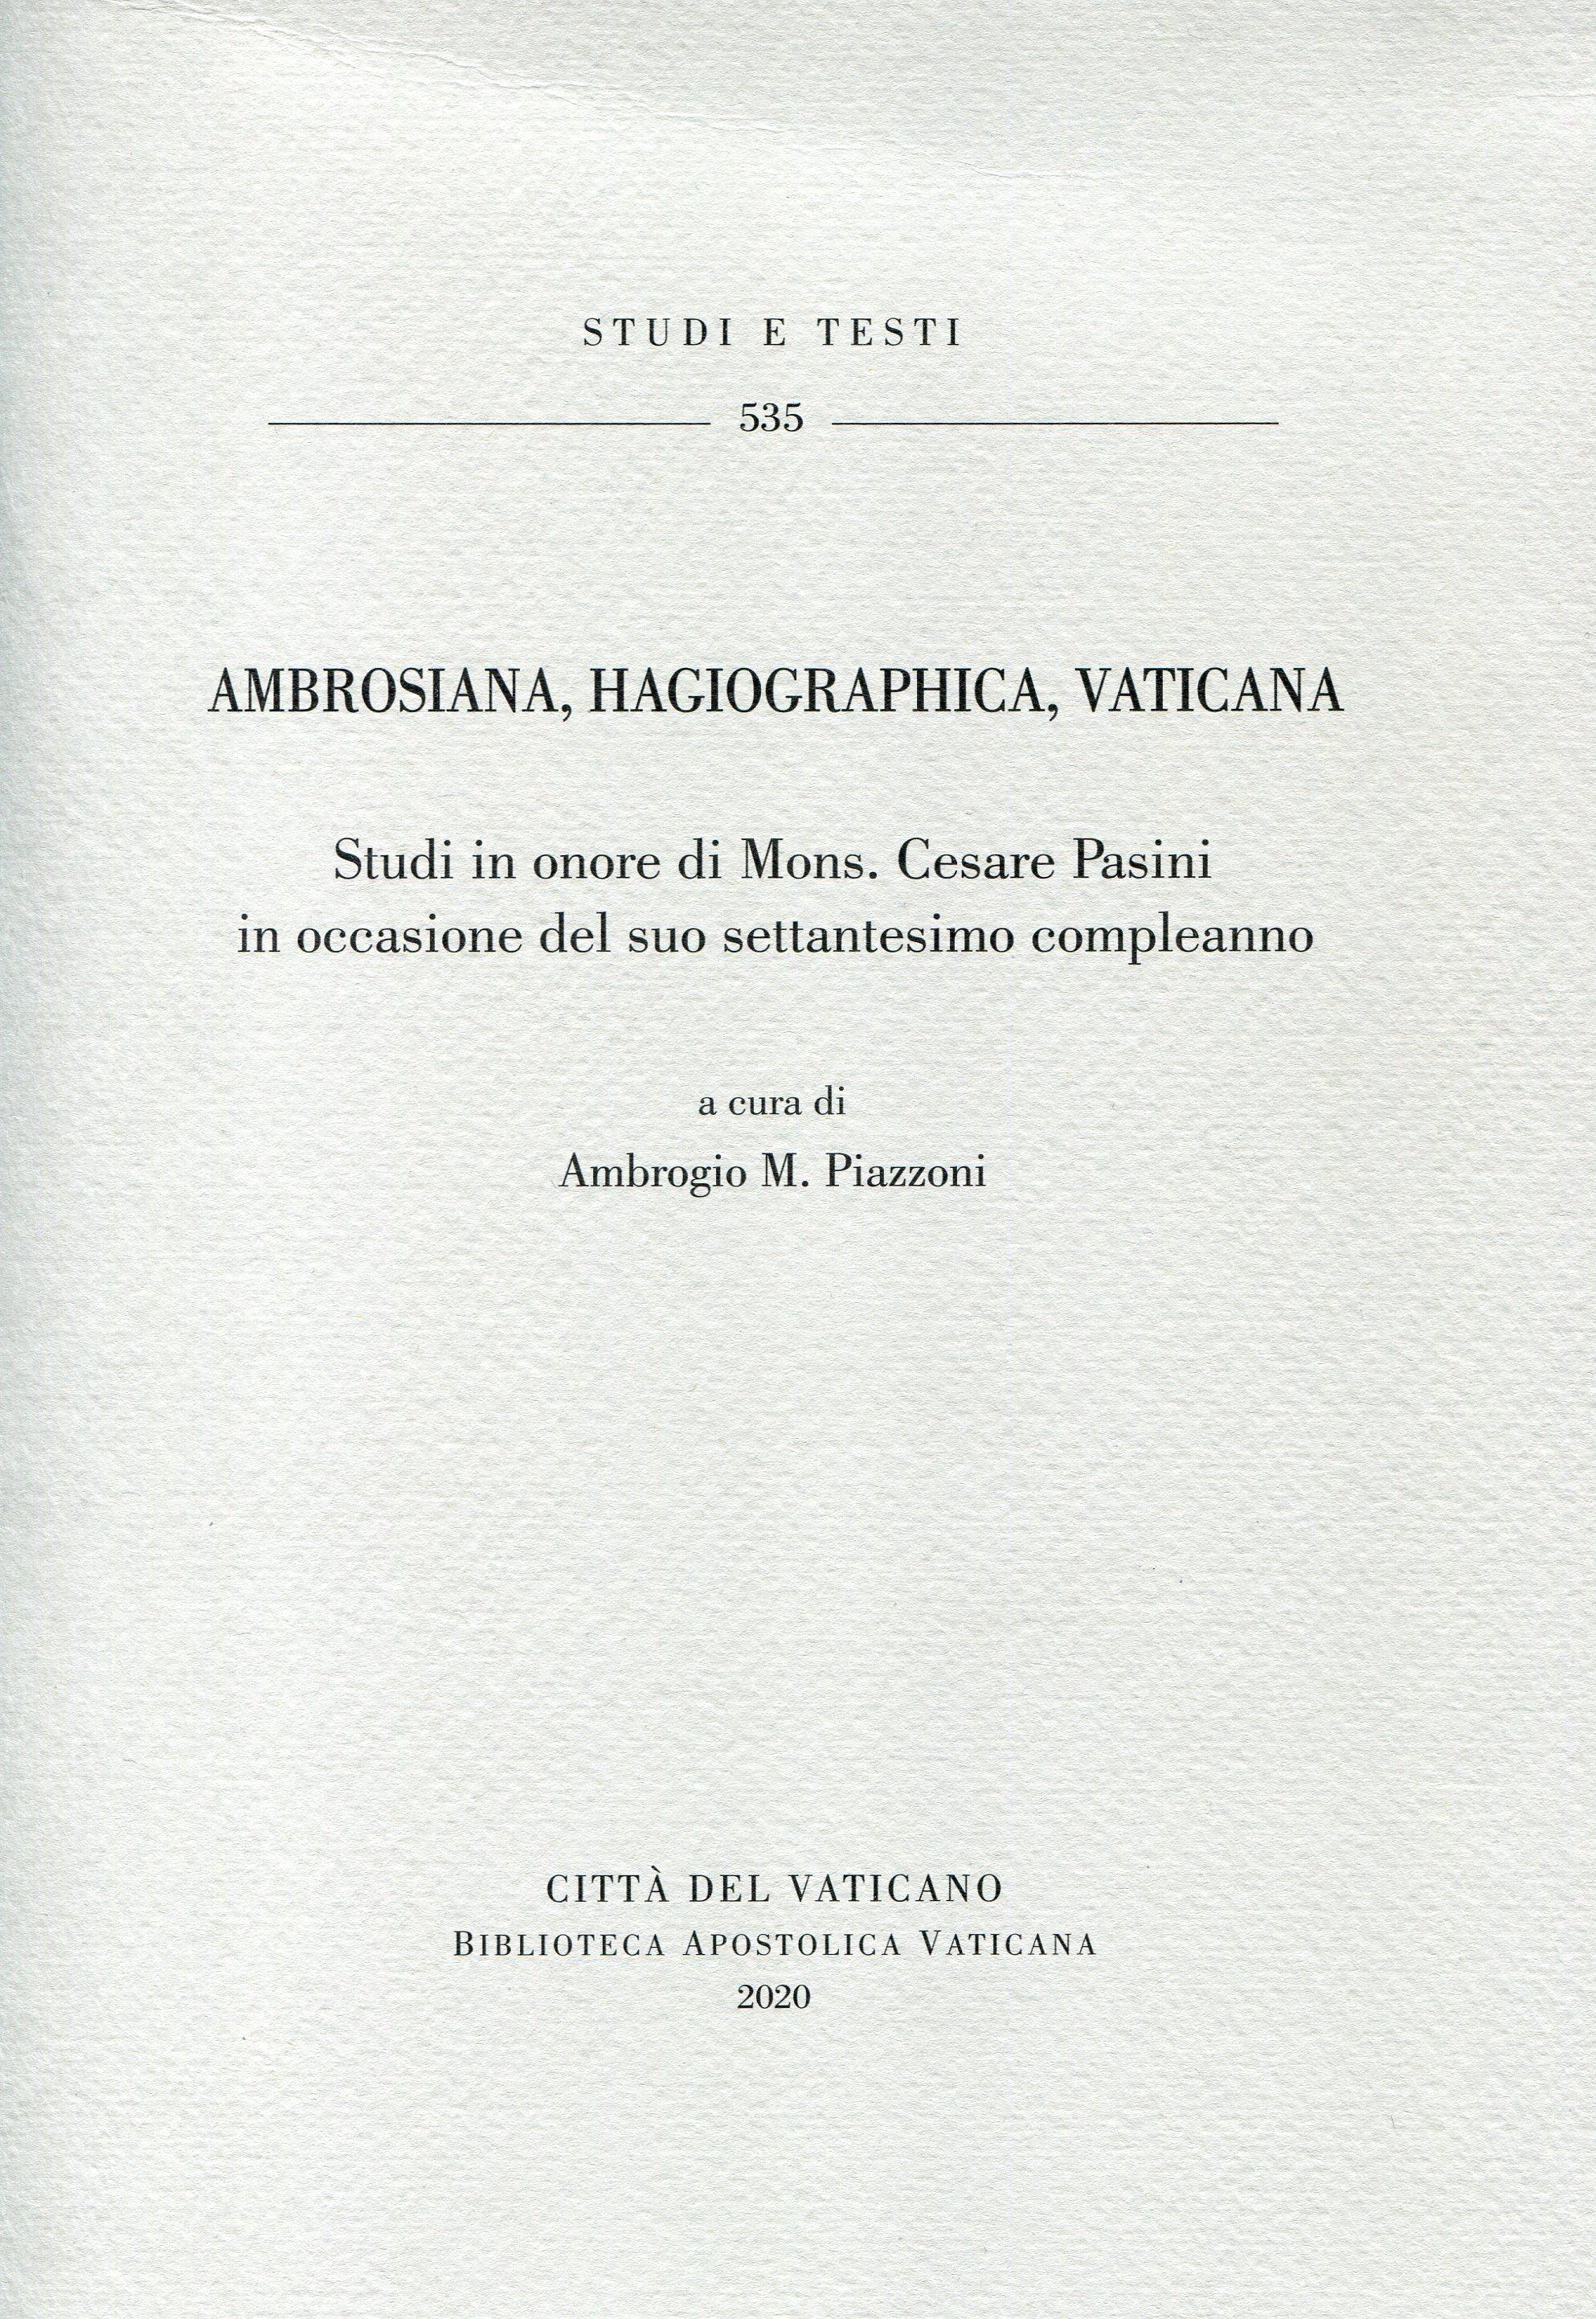 Ambrosiana, Hagiographica, Vaticana - Studi in onore di Mons. Cesare Pasini in occasione del suo settantesimo compleanno